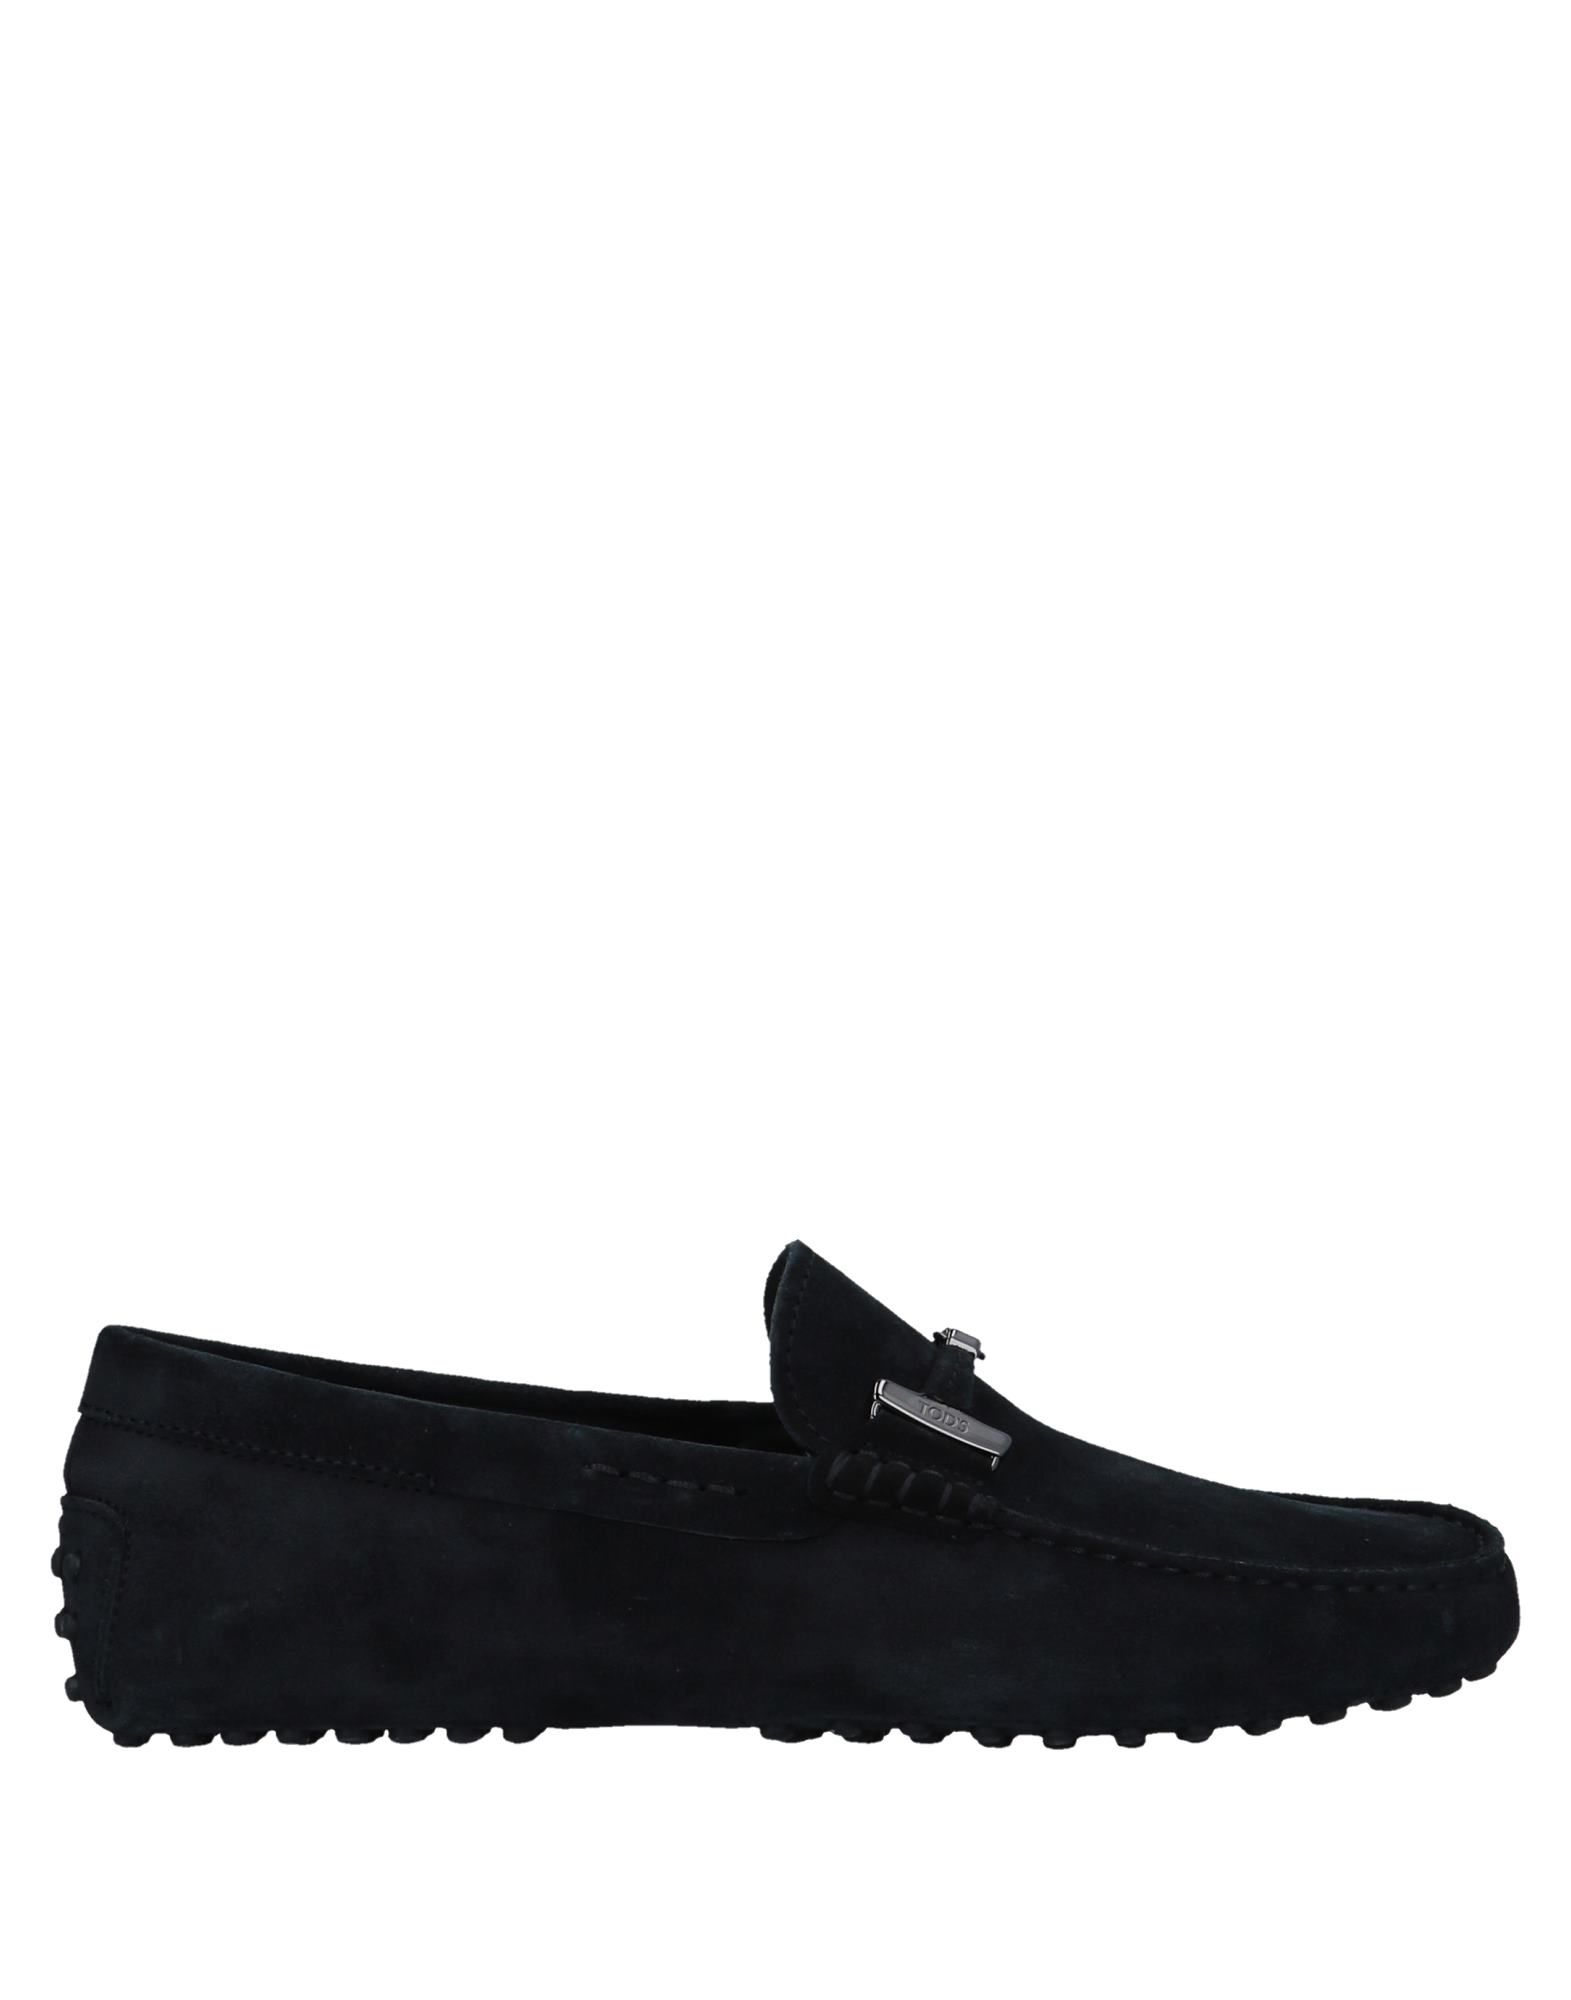 Tod's Mokassins Herren  11541154IR Gute Qualität beliebte Schuhe